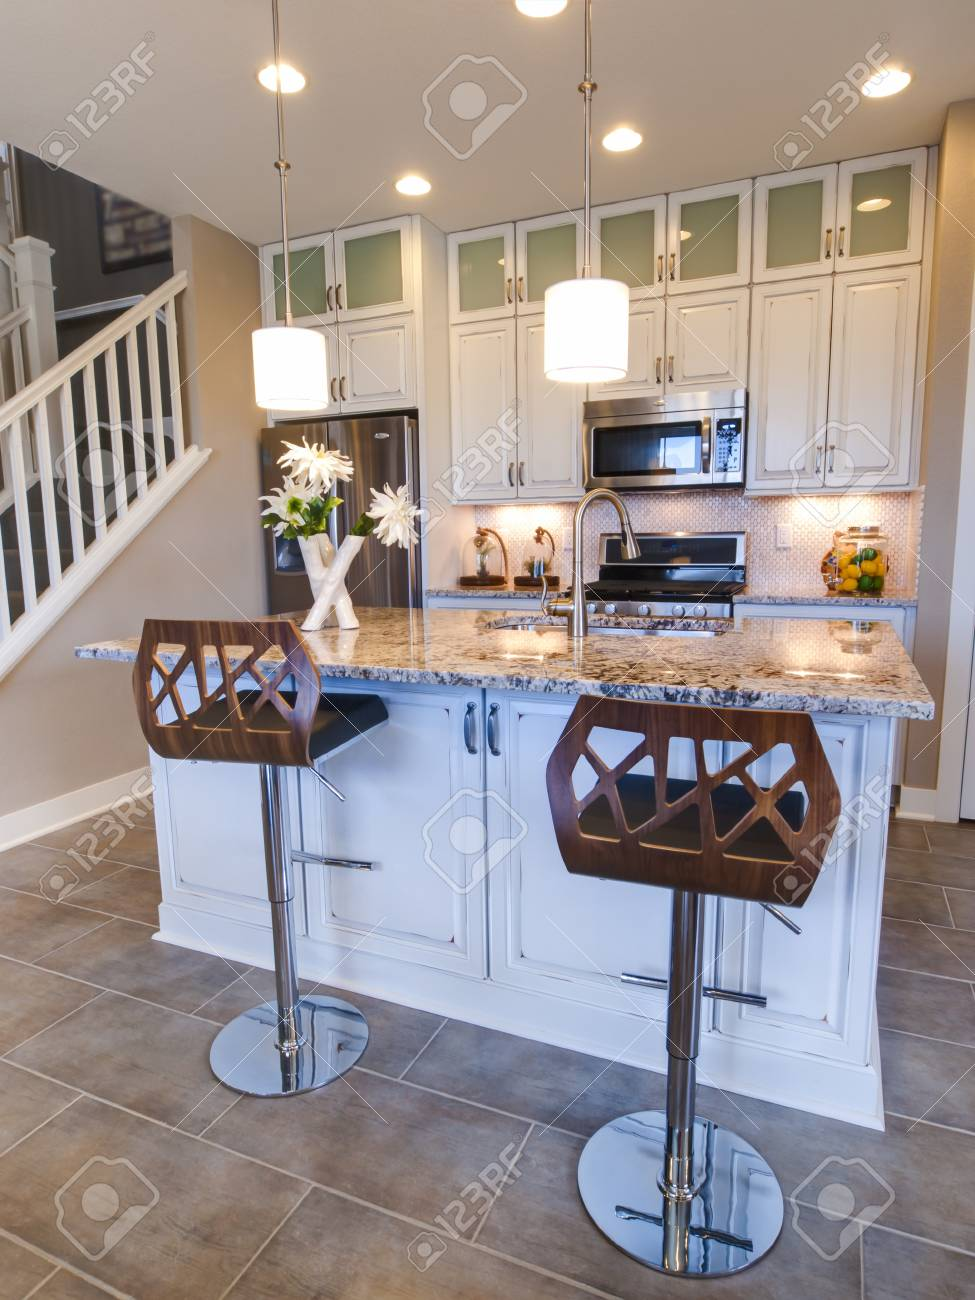 Cocina Moderna Con Muebles Blancos Y Electrodomsticos De Acero